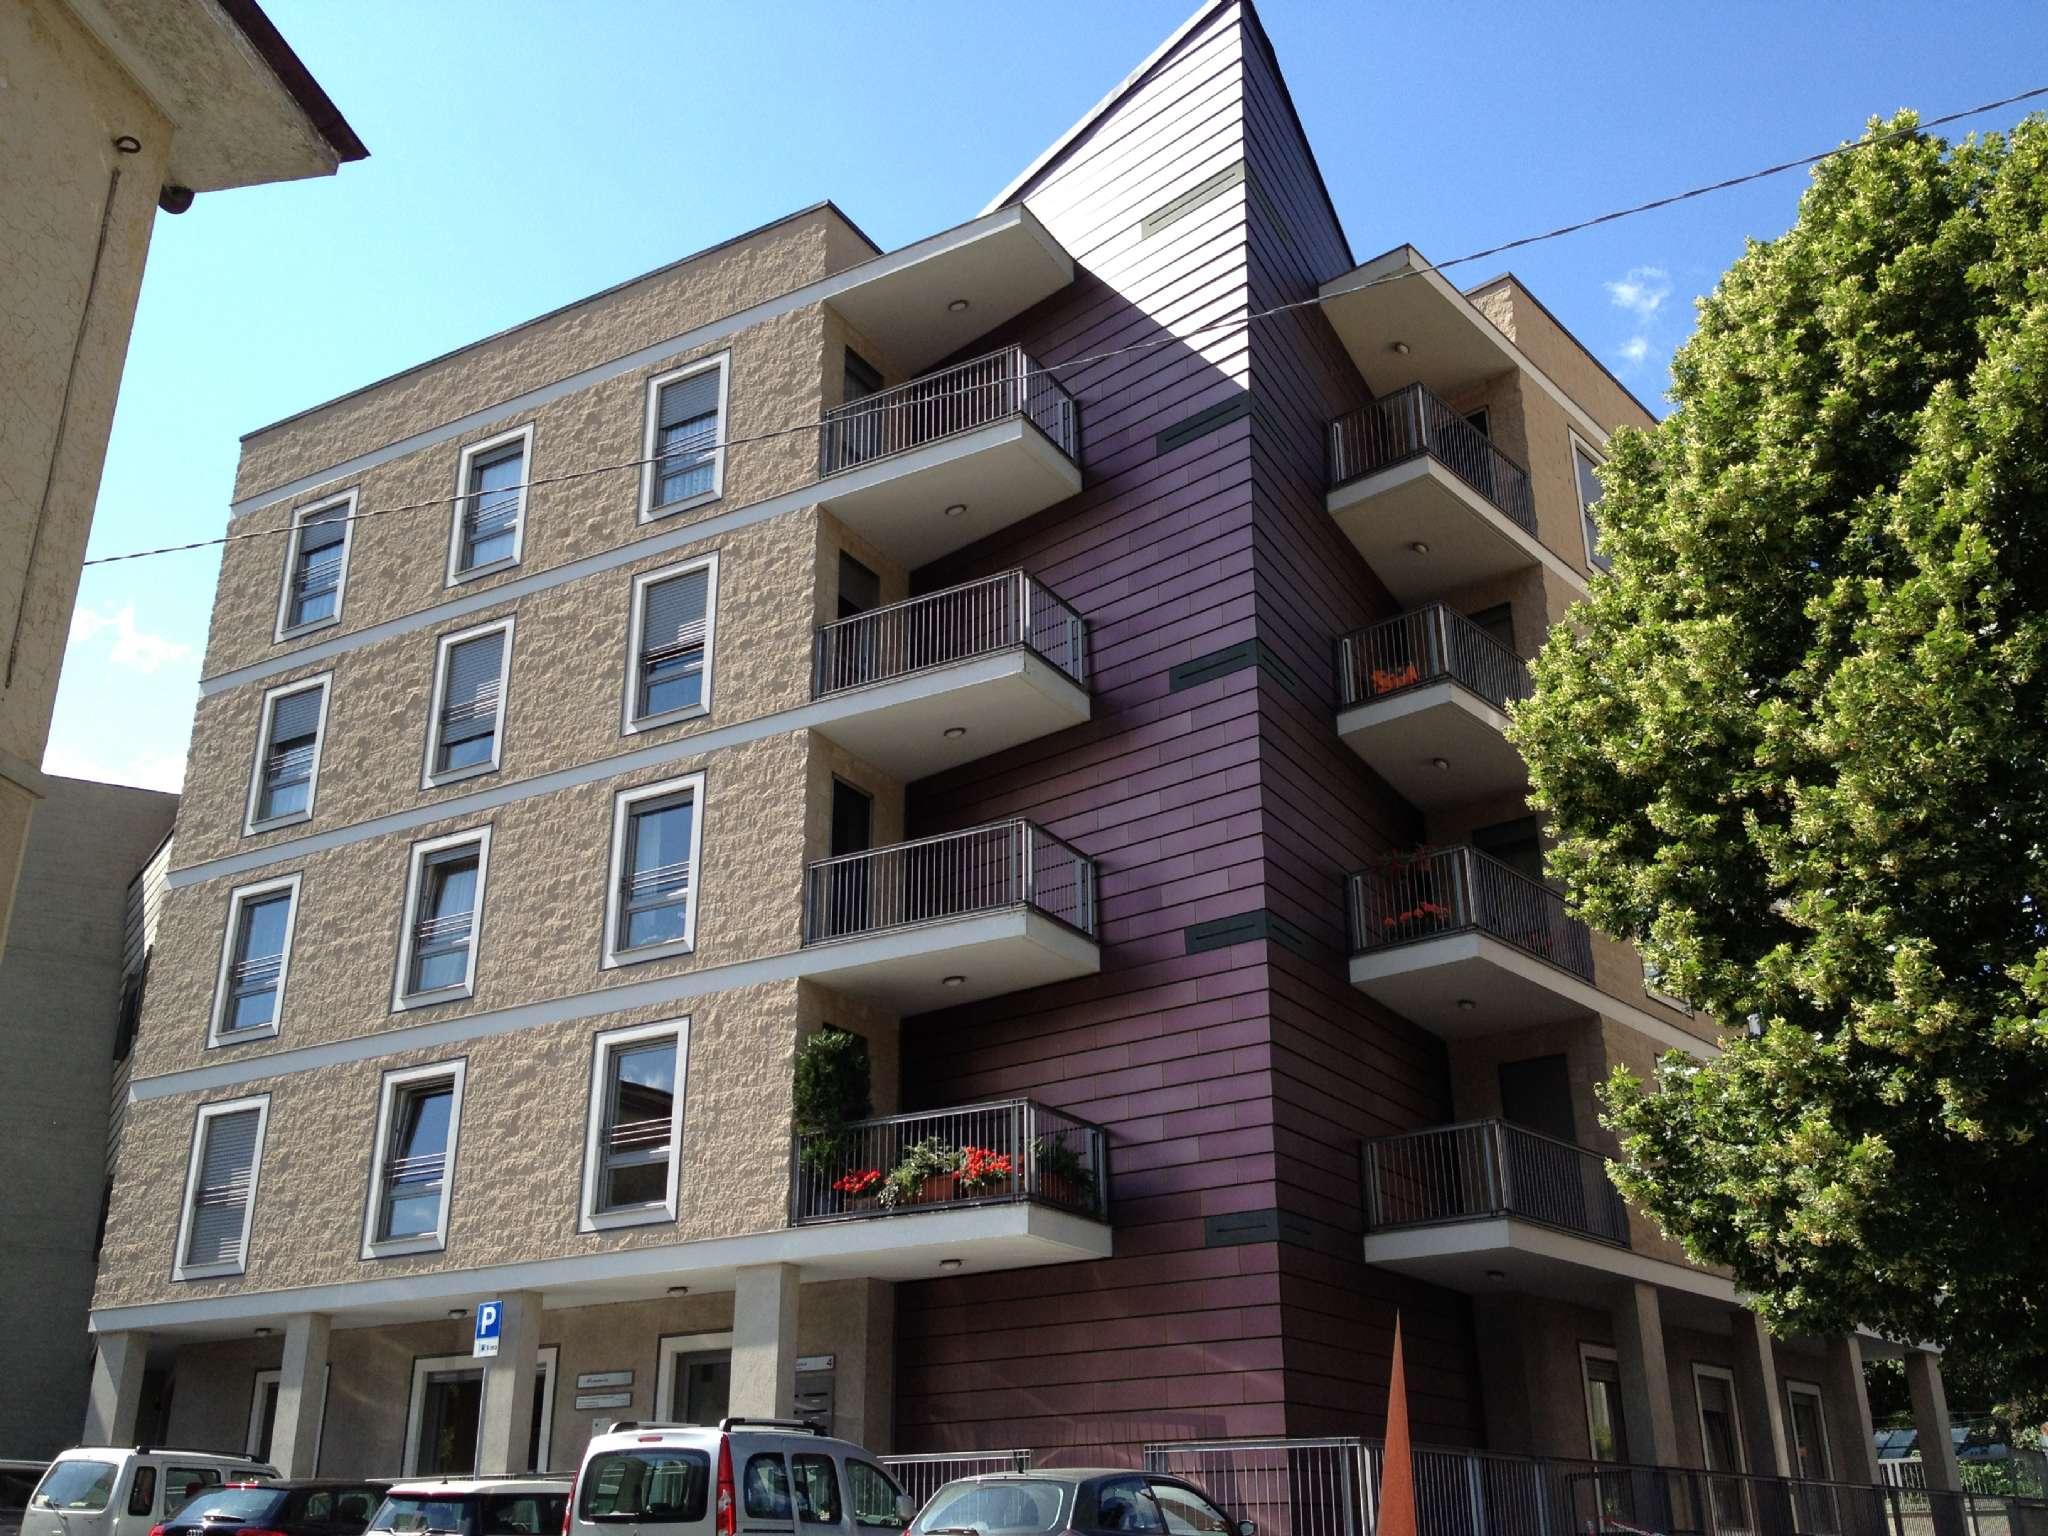 Appartamento in affitto a Bussoleno, 3 locali, prezzo € 450 | PortaleAgenzieImmobiliari.it